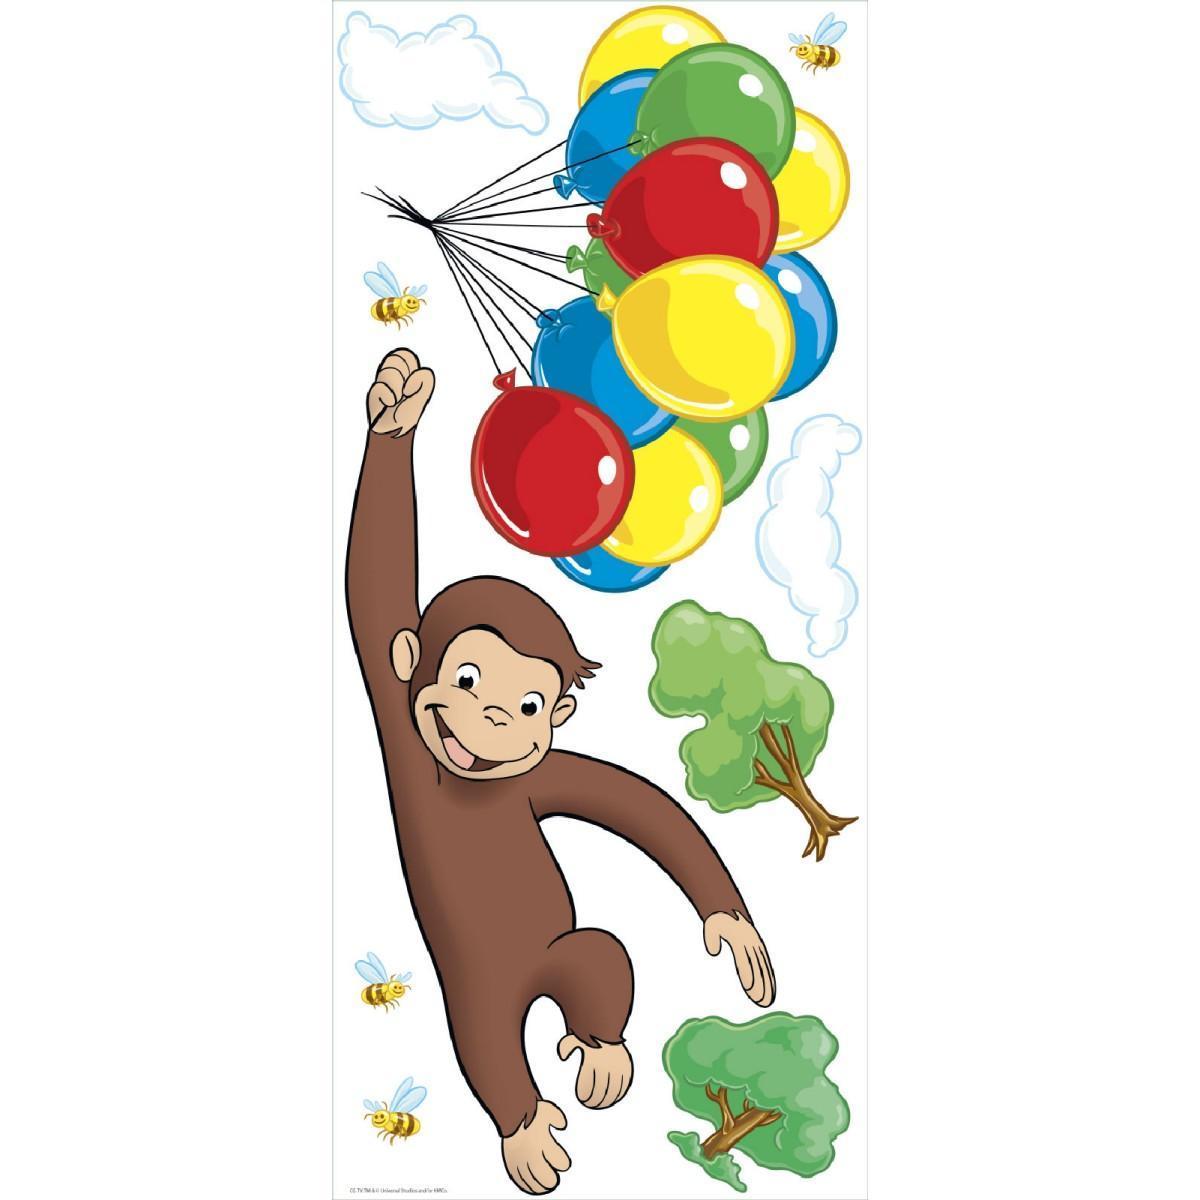 おさるのジョージ ジャイアント ウォール ステッカー 子供 部屋 猿 サル 通常便なら .